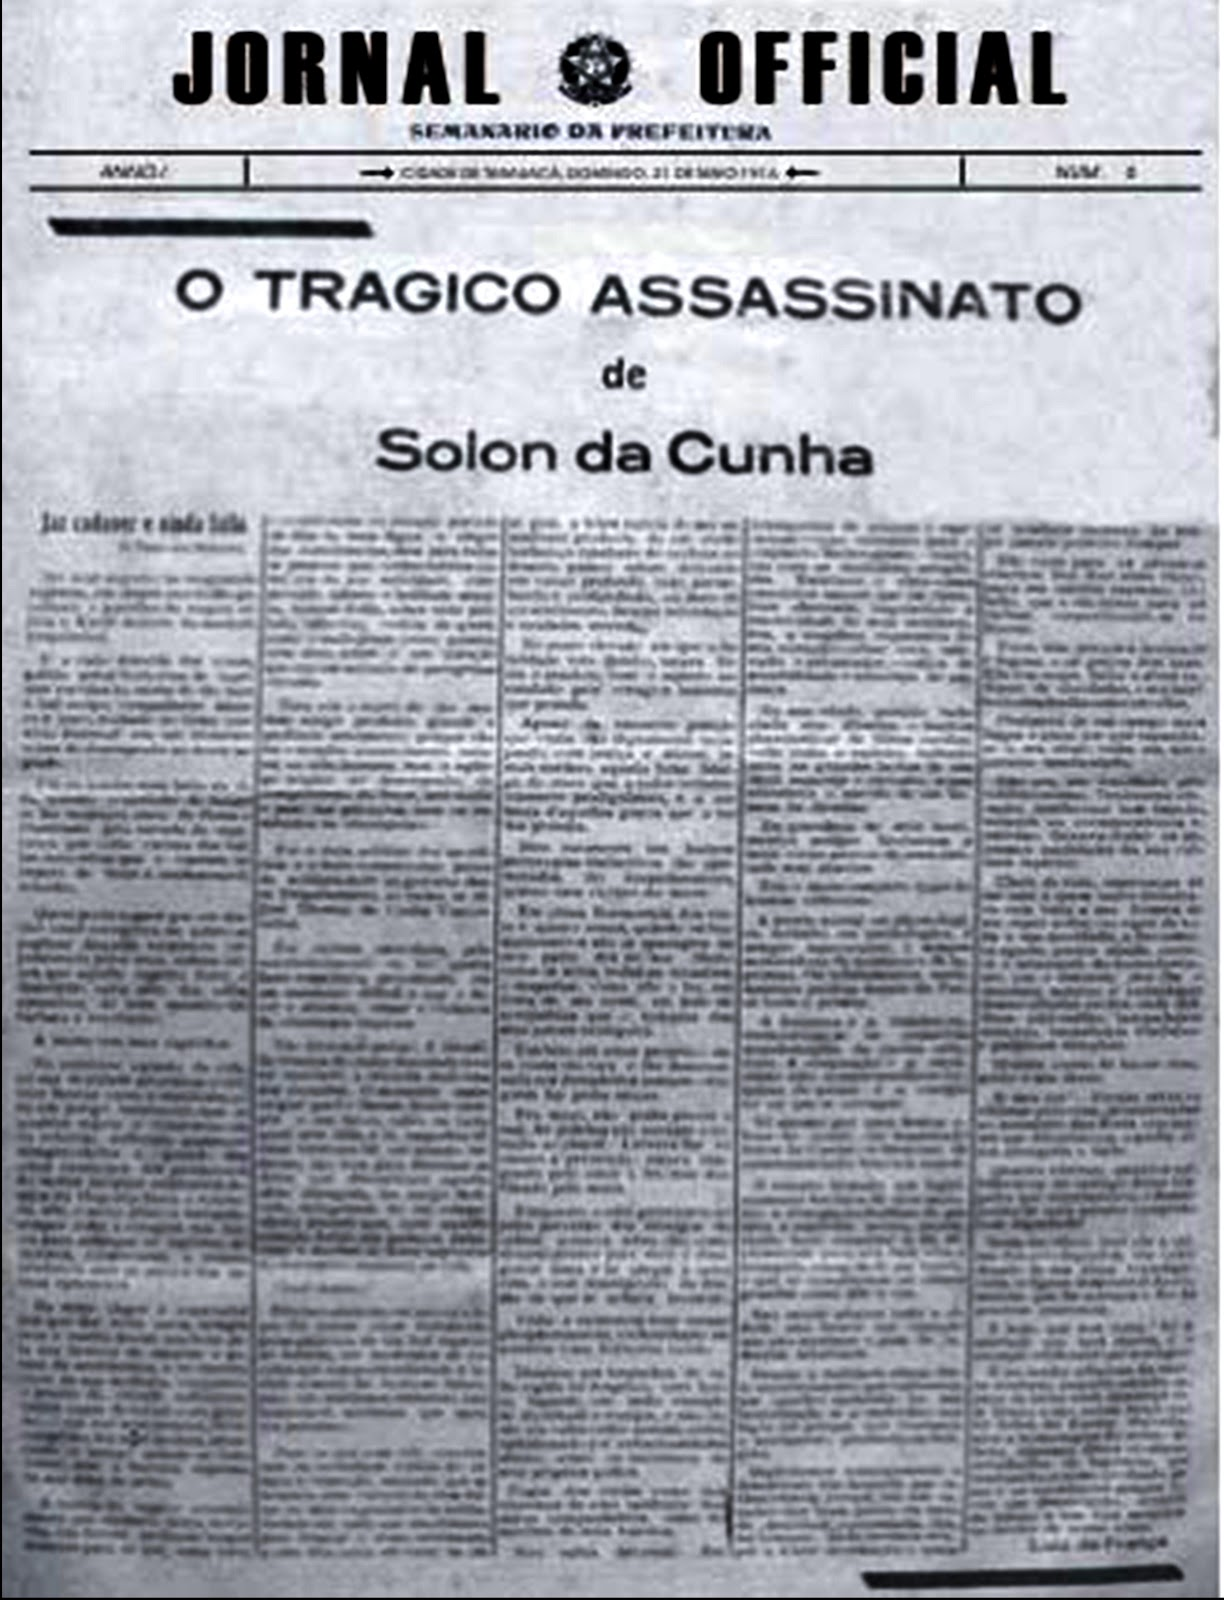 Exemplar do Jornal Official destacando o assassinato de Sólon da Cunha